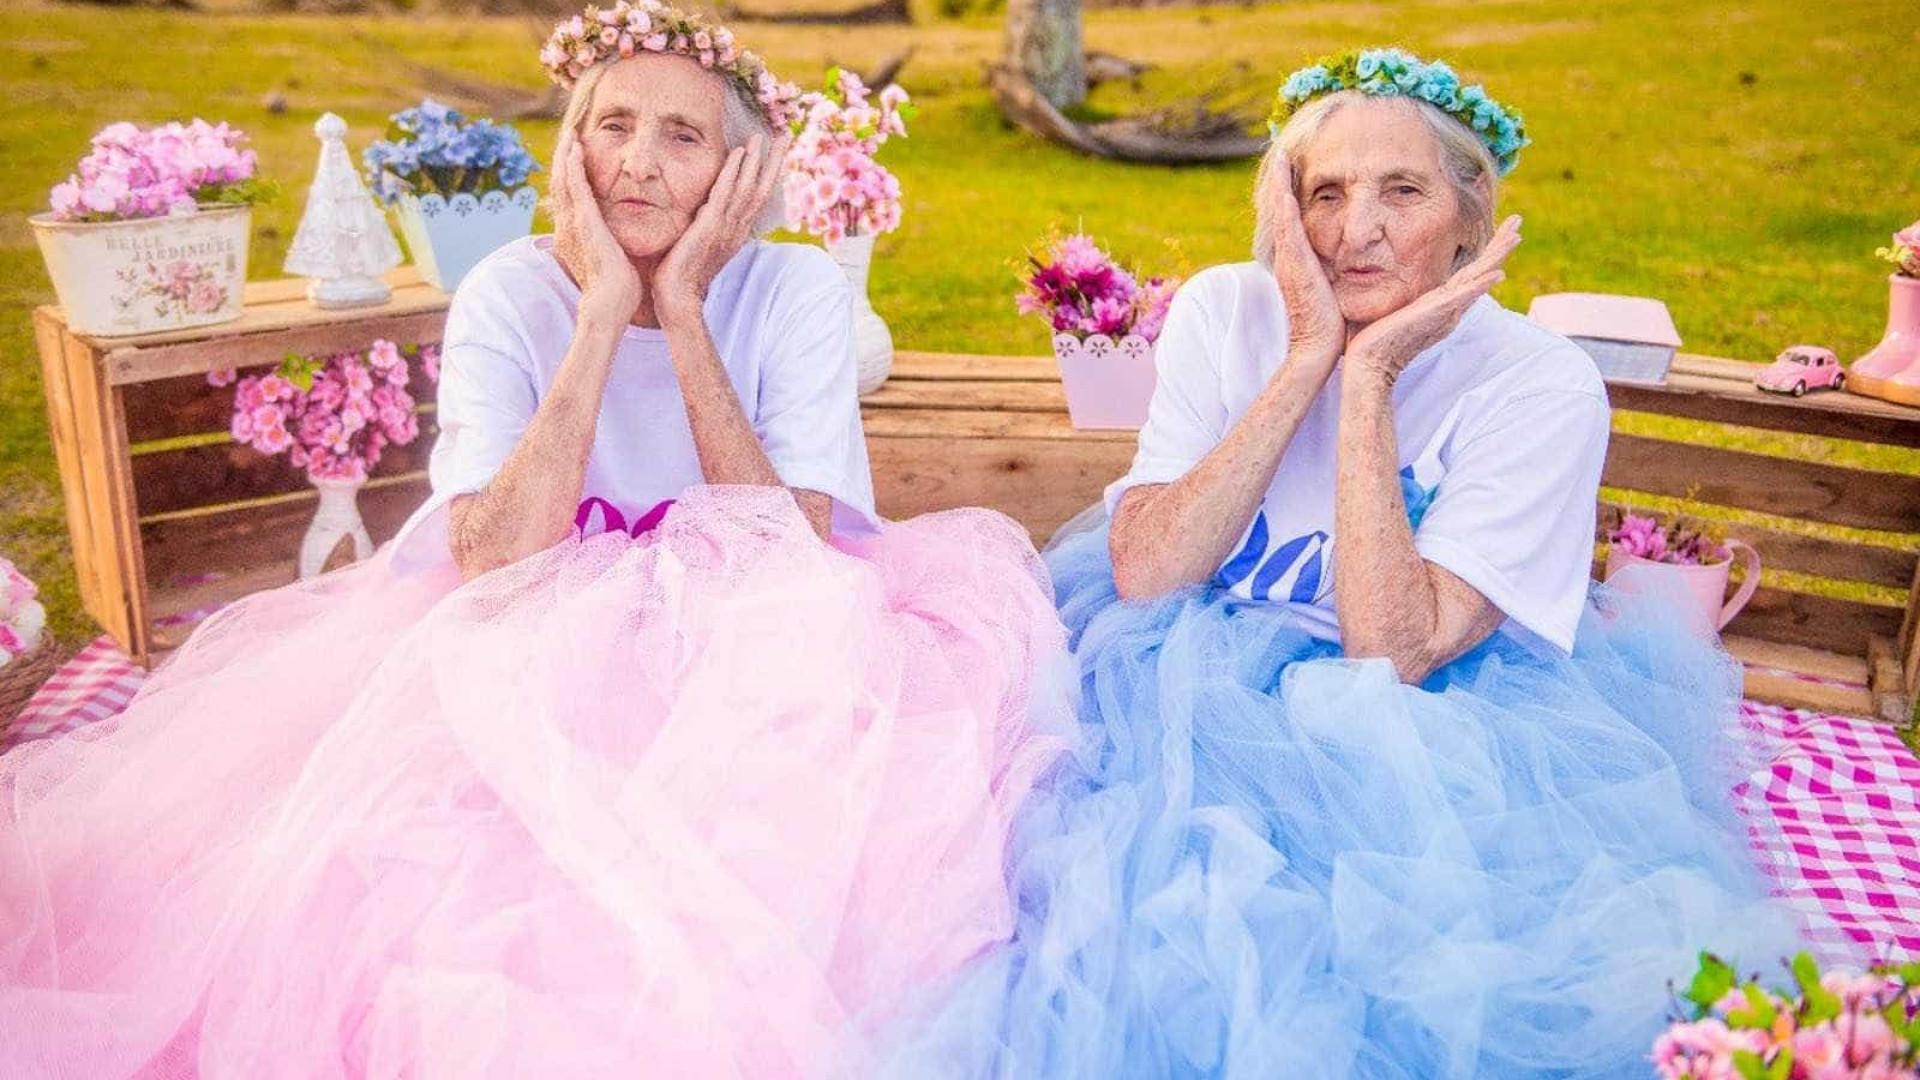 Gêmeas fazem ensaio para celebrar aniversário de 100 anos